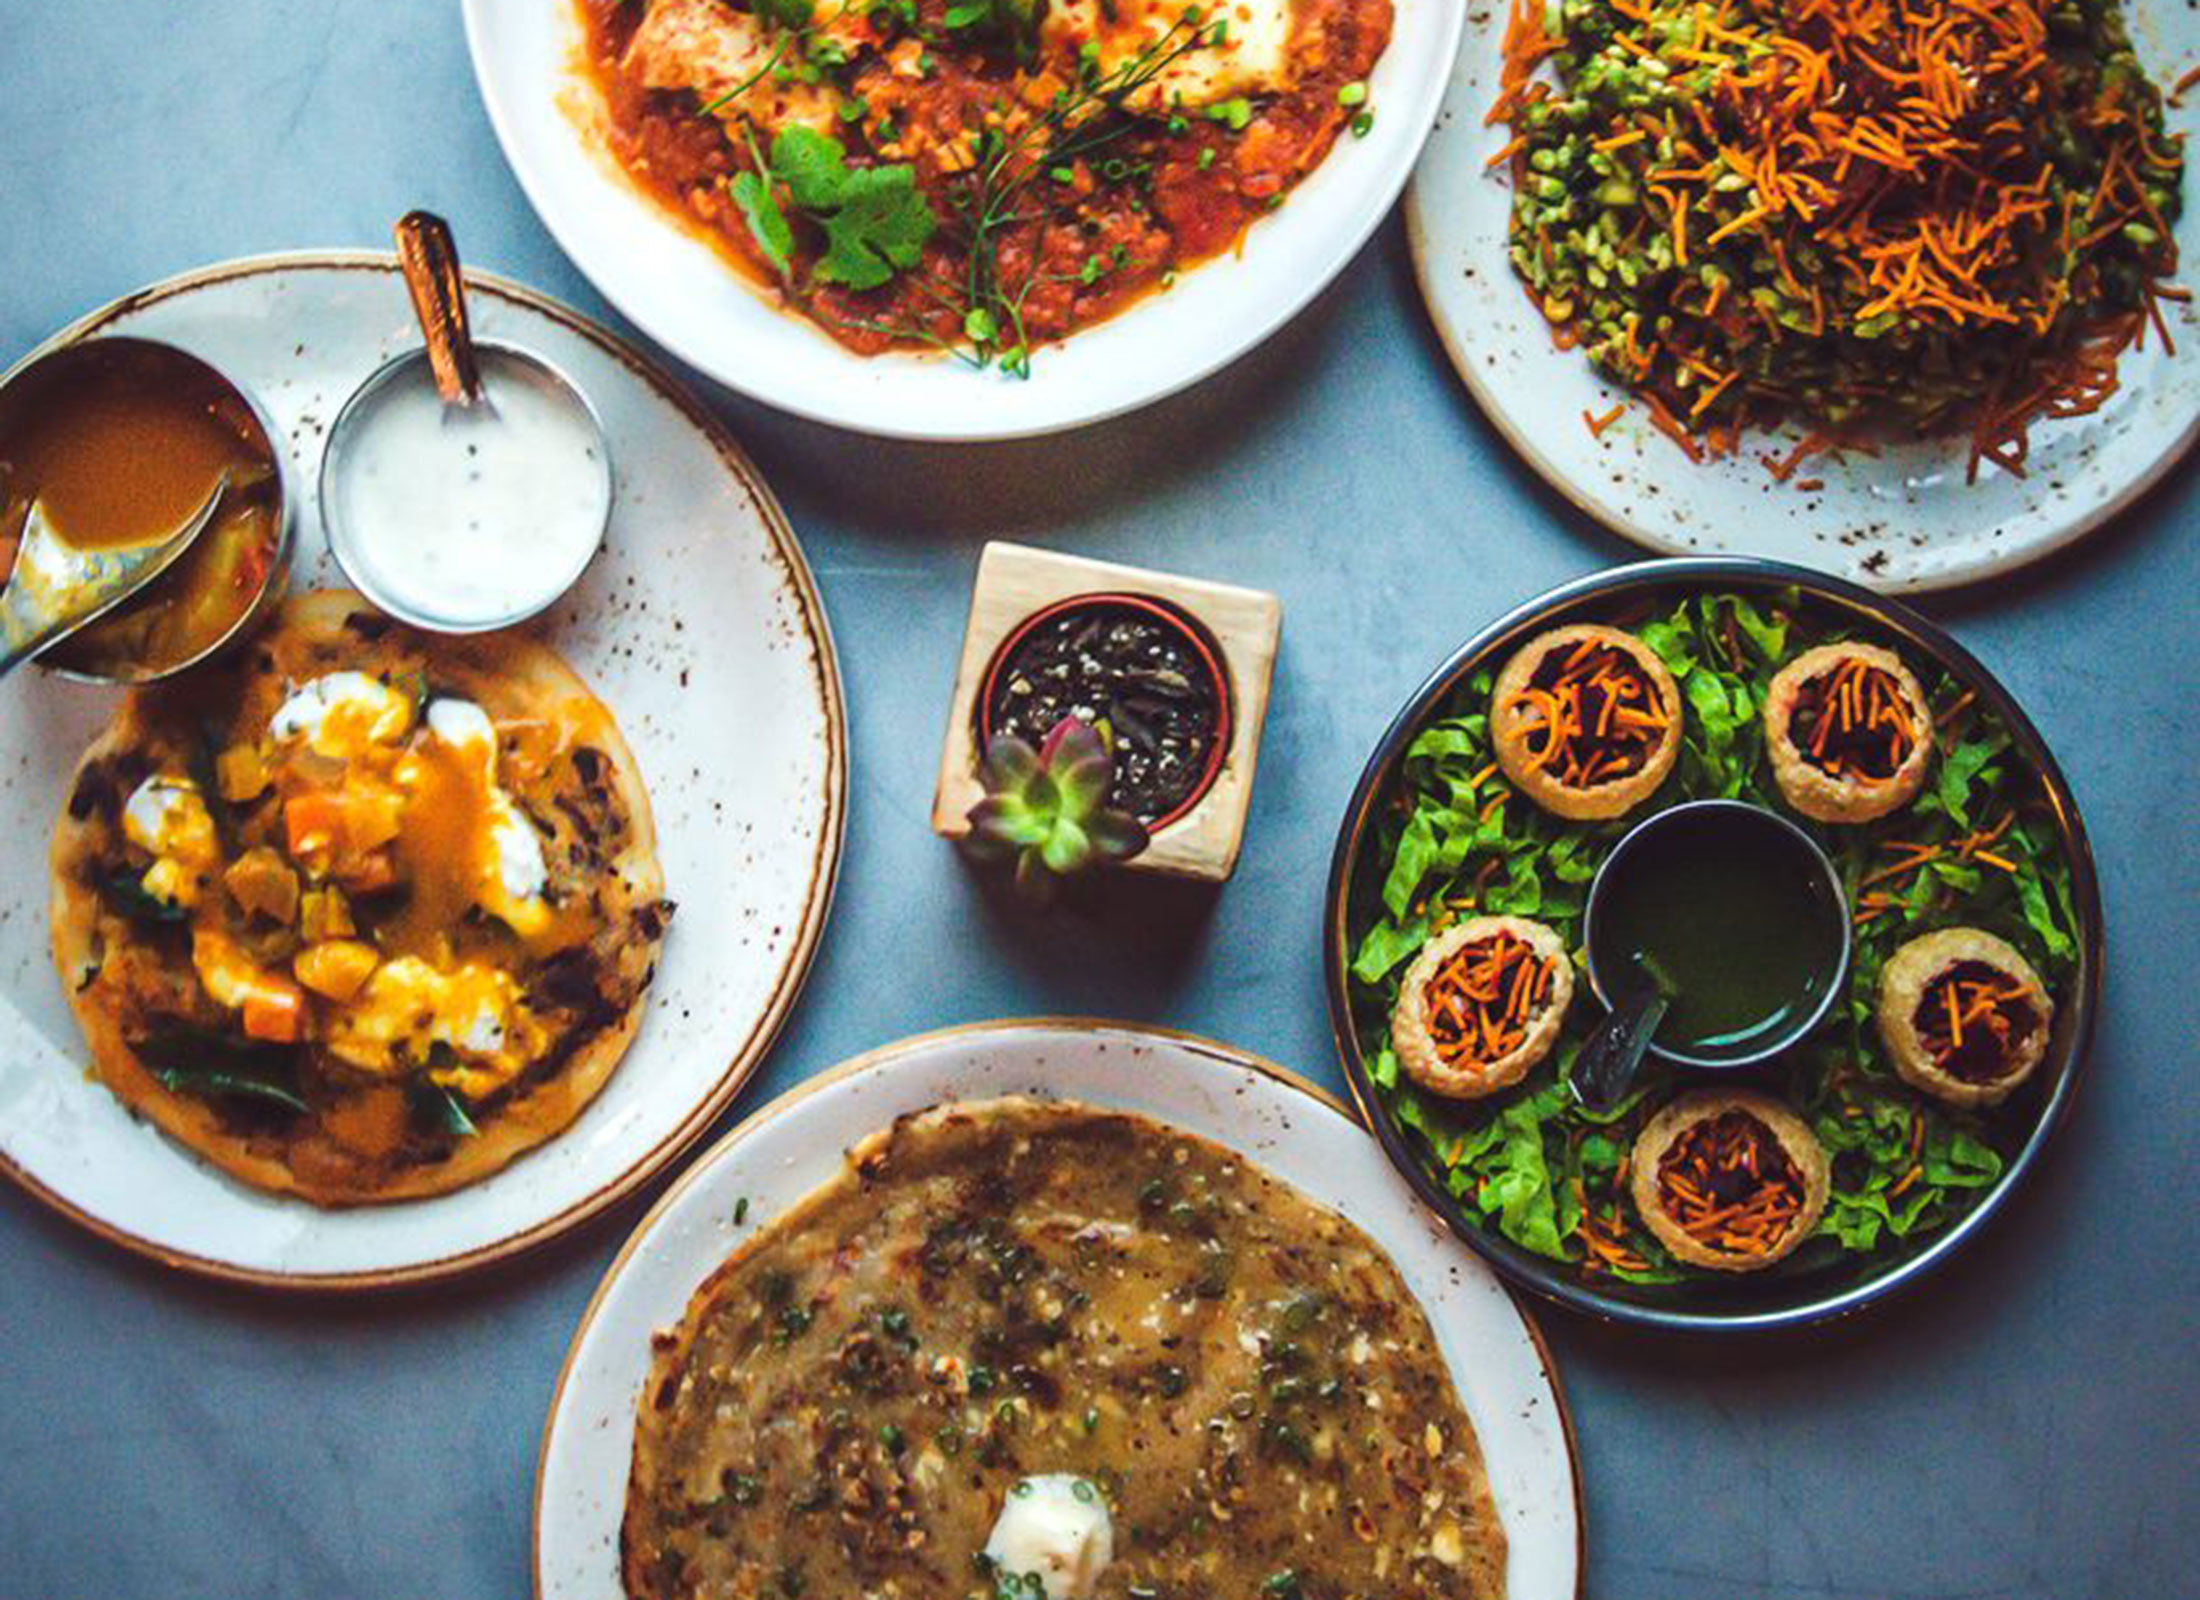 Garlic naan, pani puri, uttapam, tikka masala at Bollywood Bar & Clay Oven. Courtesy photo: Facebook